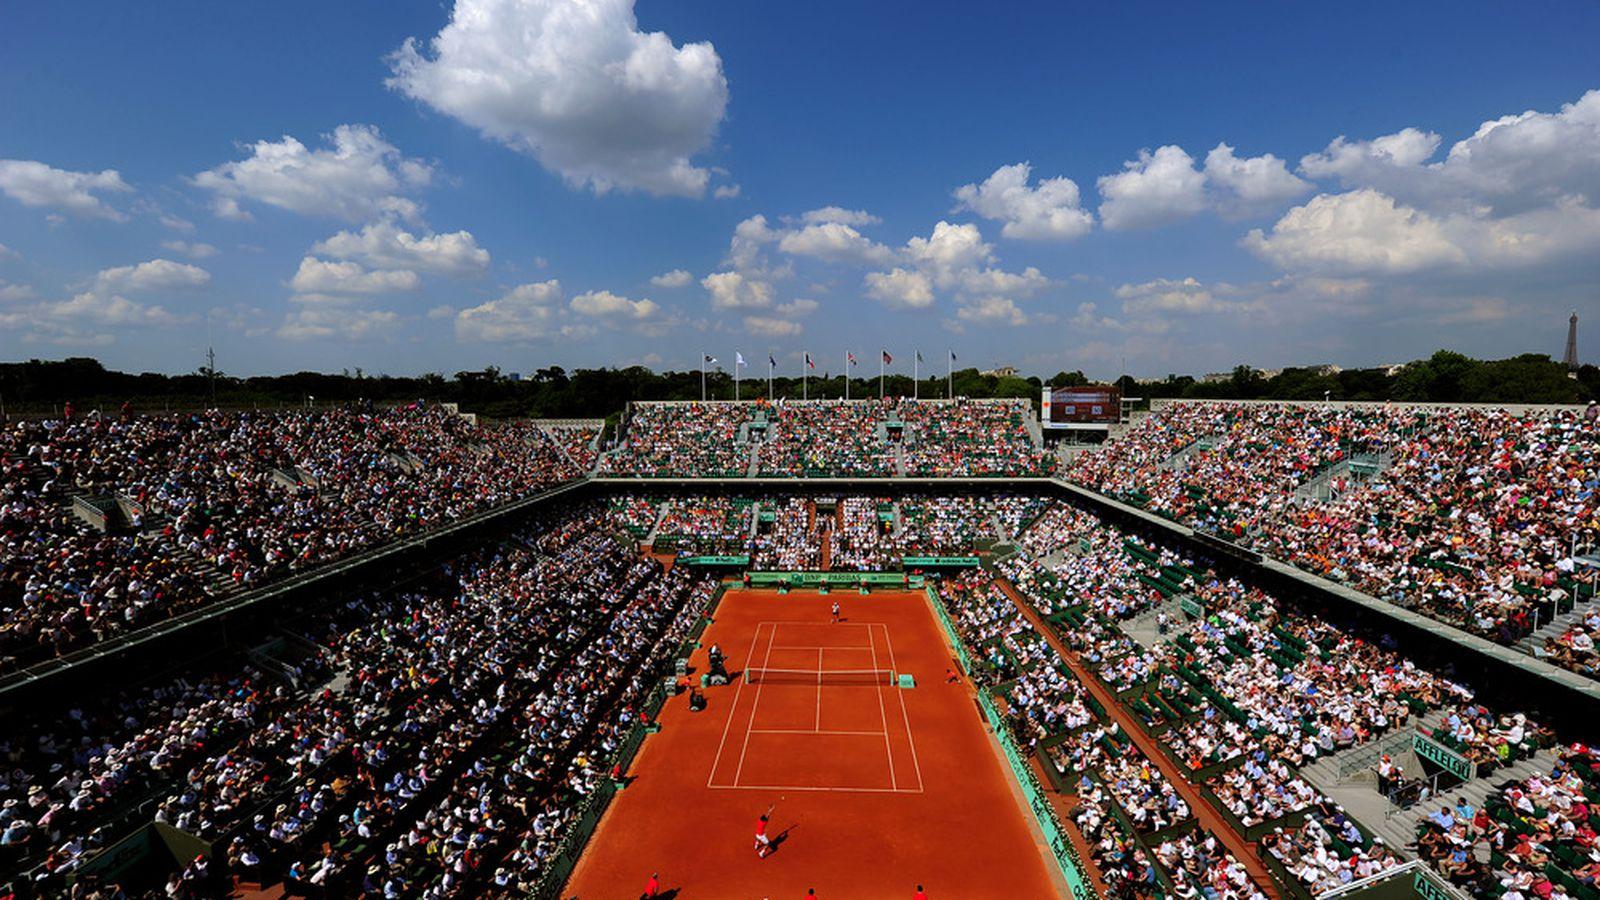 男子网球比以往更好,但有人在看吗?